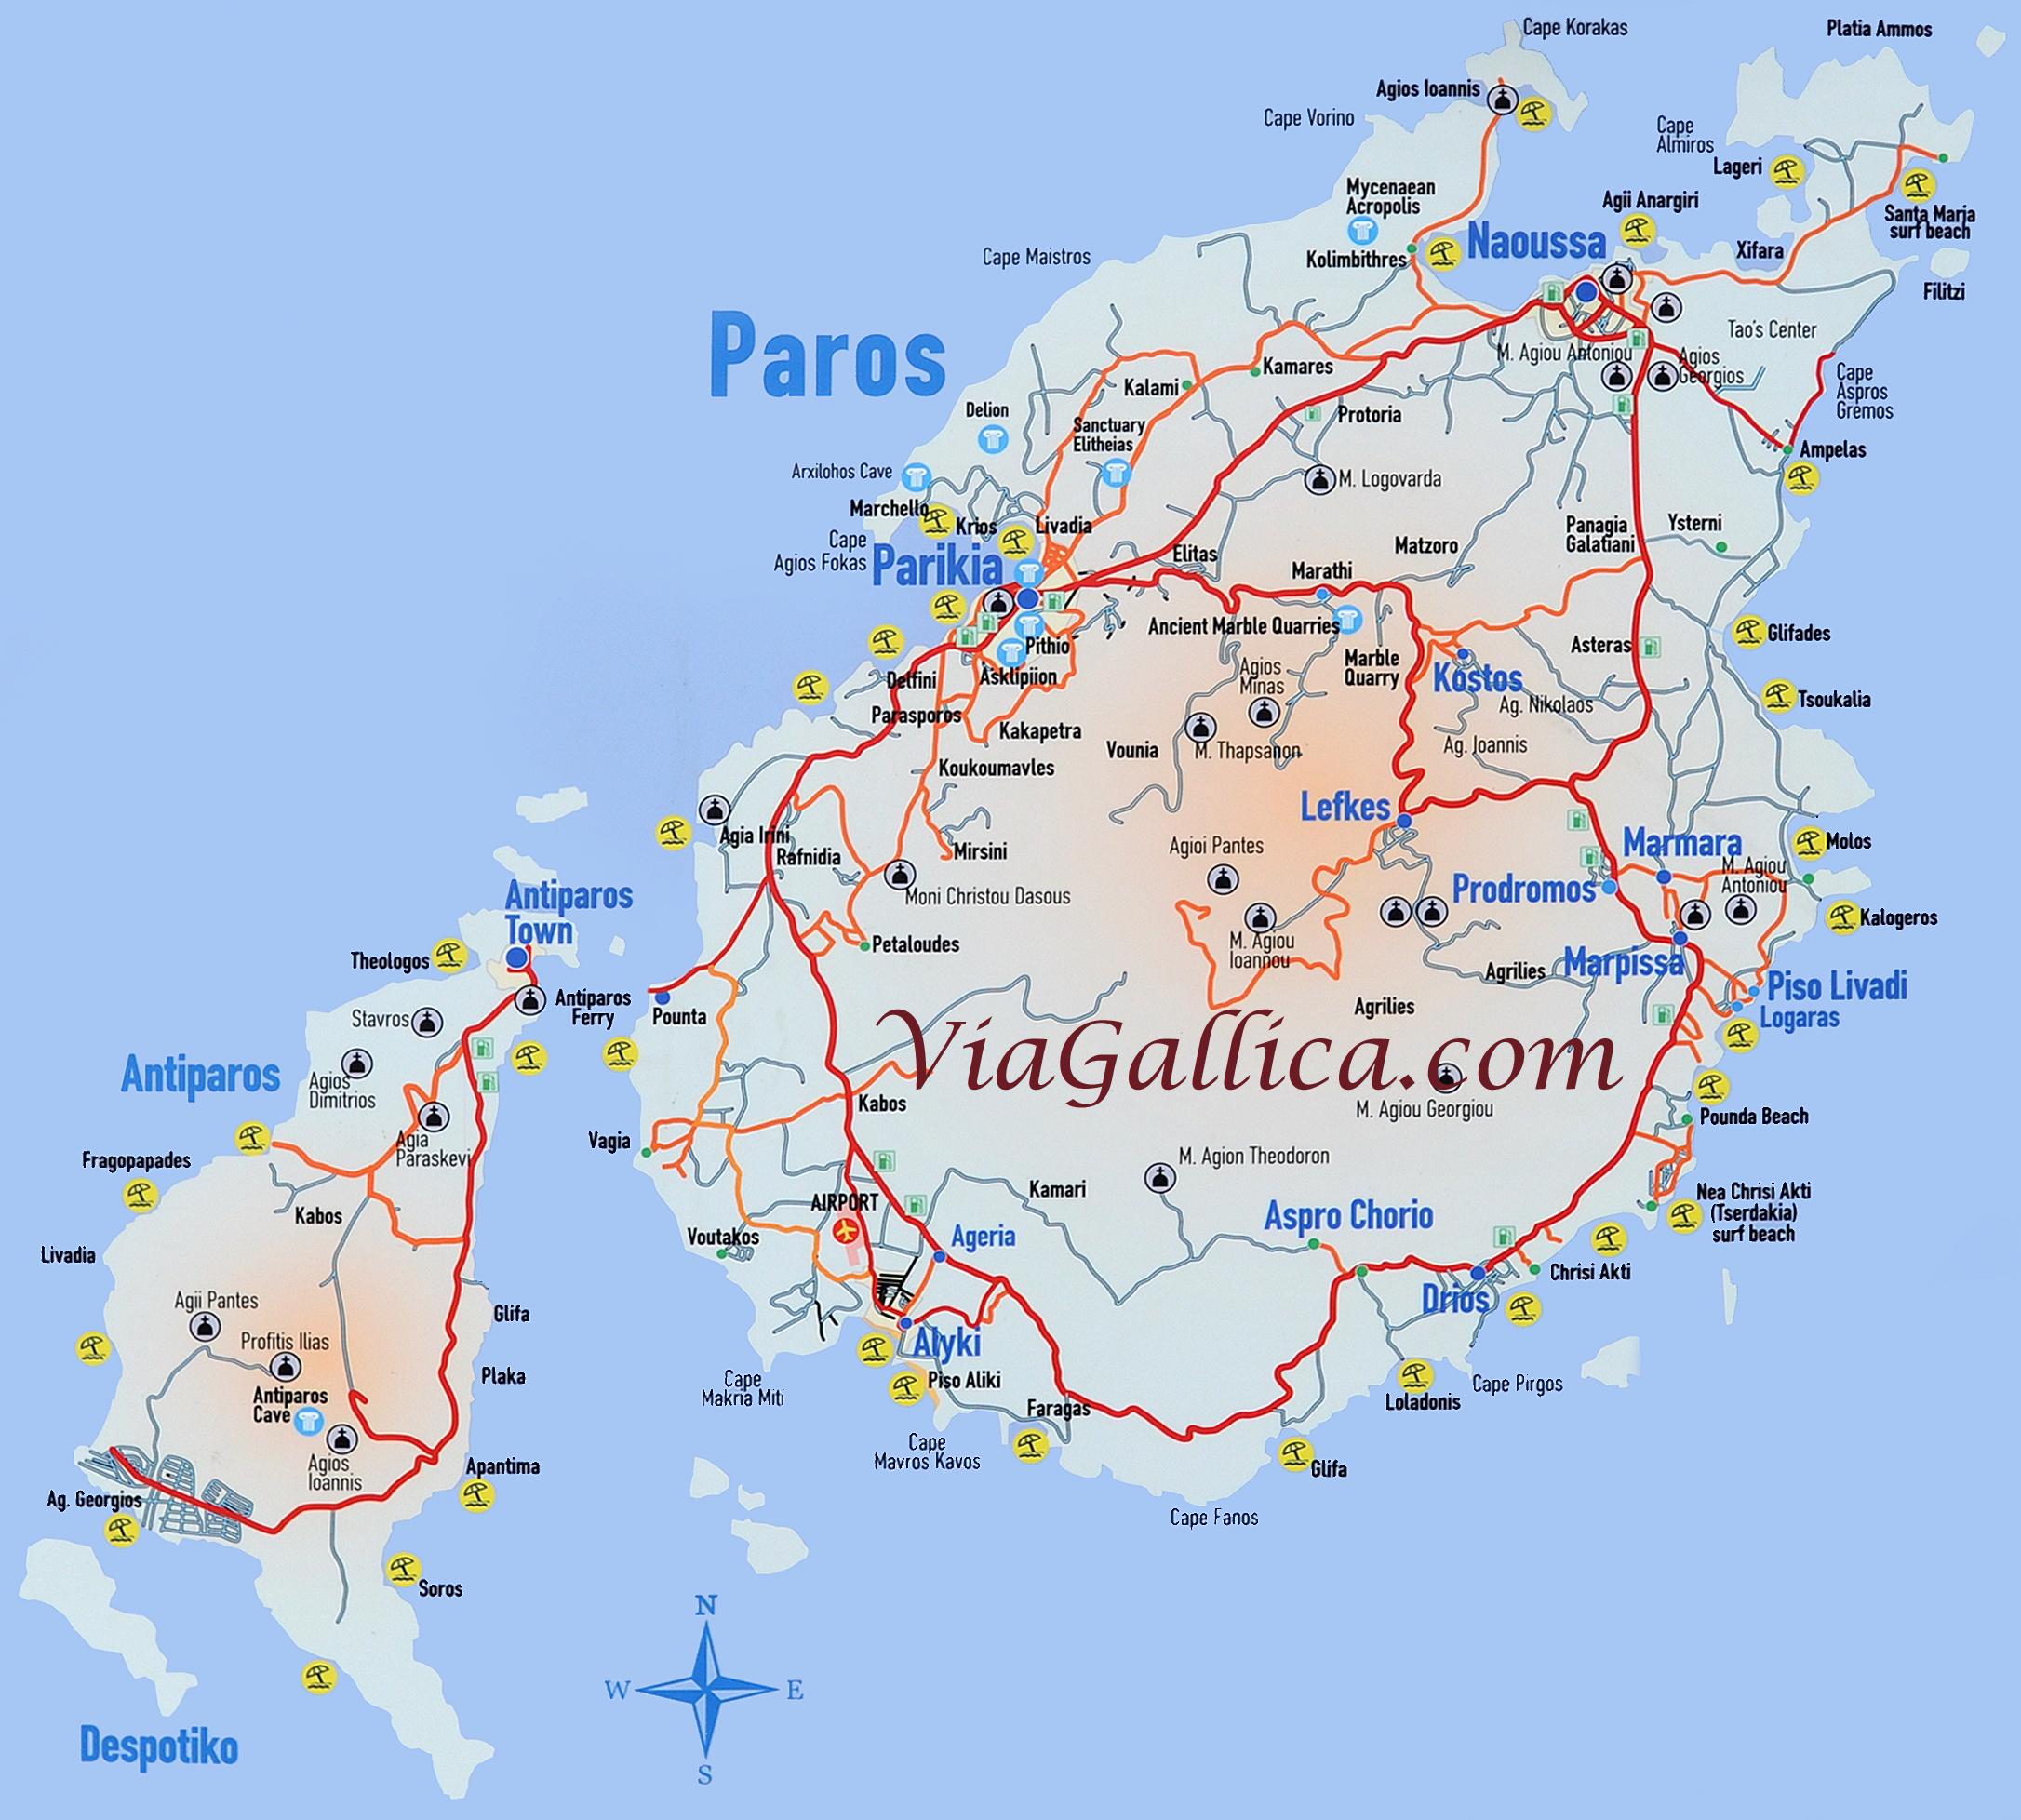 L'île de Paros dans les Cyclades en Grèce